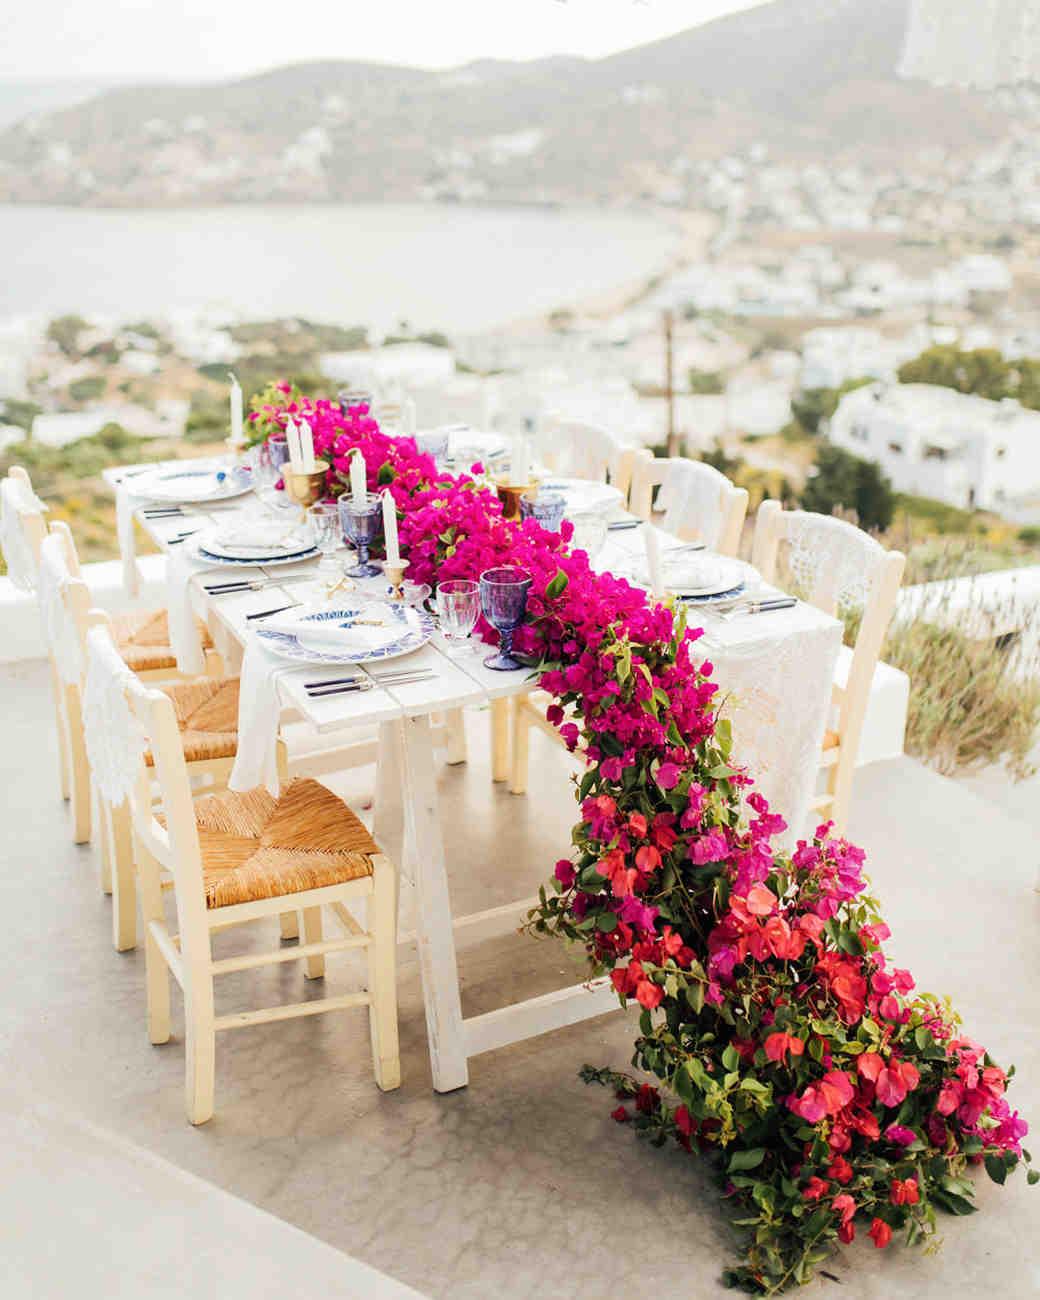 38 pink wedding centerpieces we love martha stewart weddings rh marthastewartweddings com